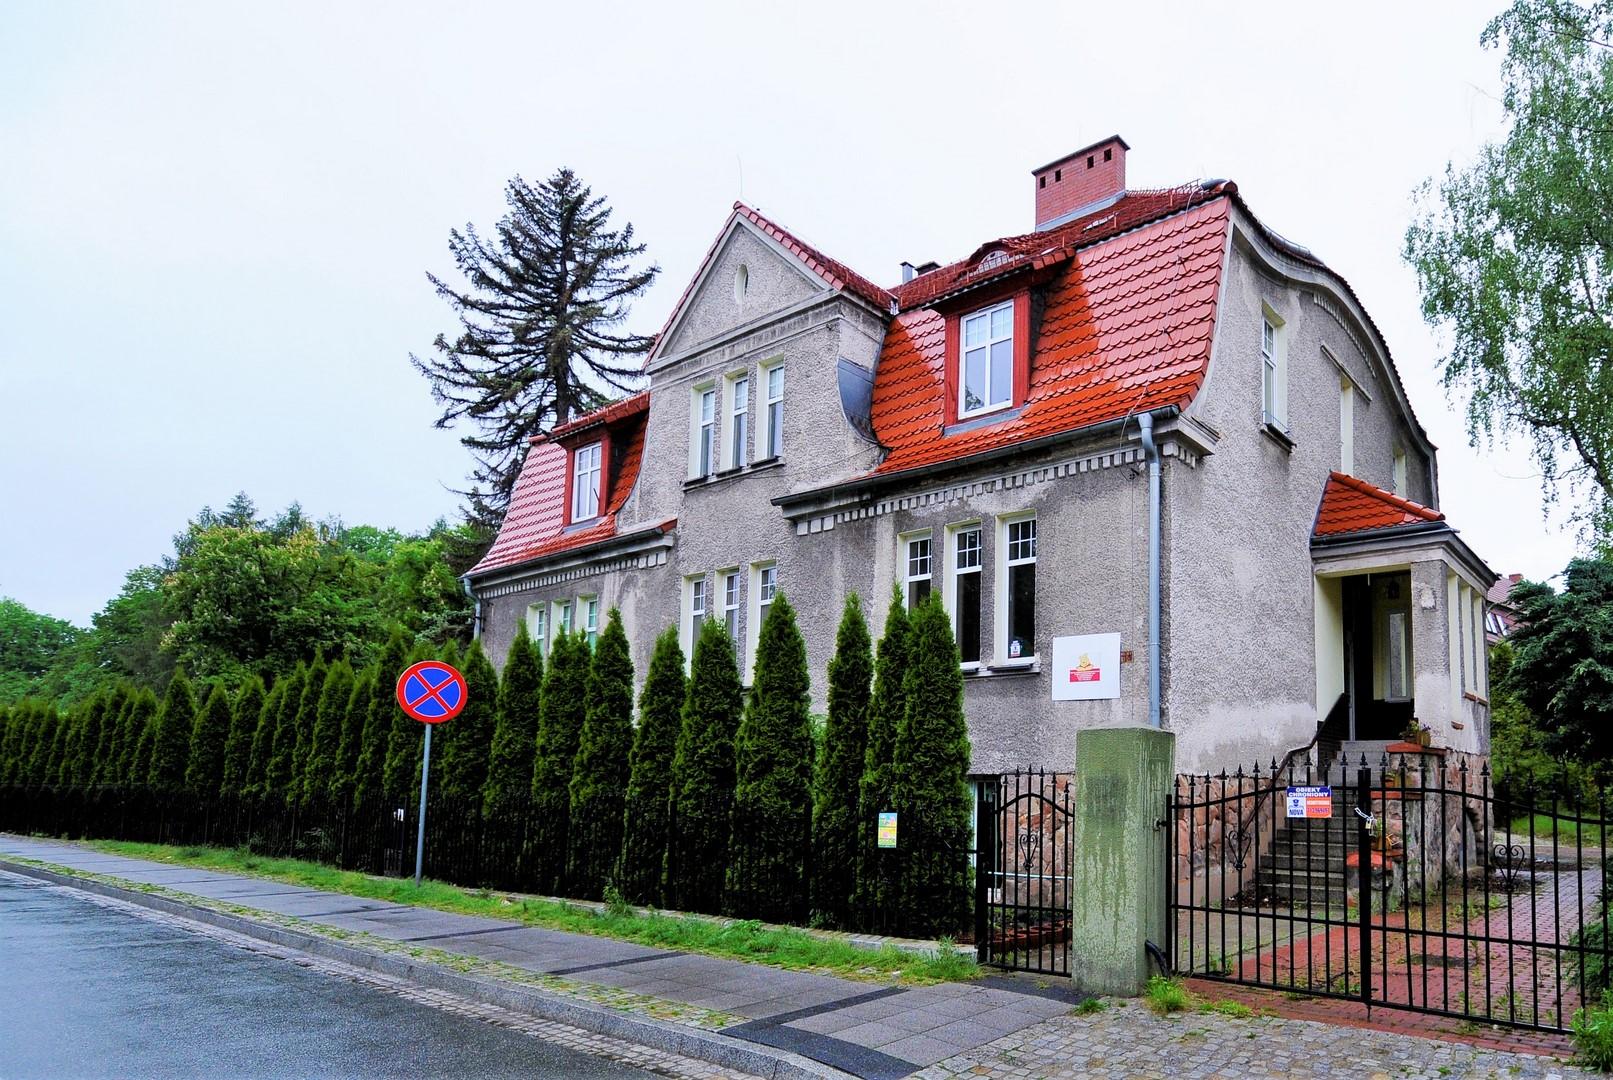 Ładny dom z czerwonym dachem